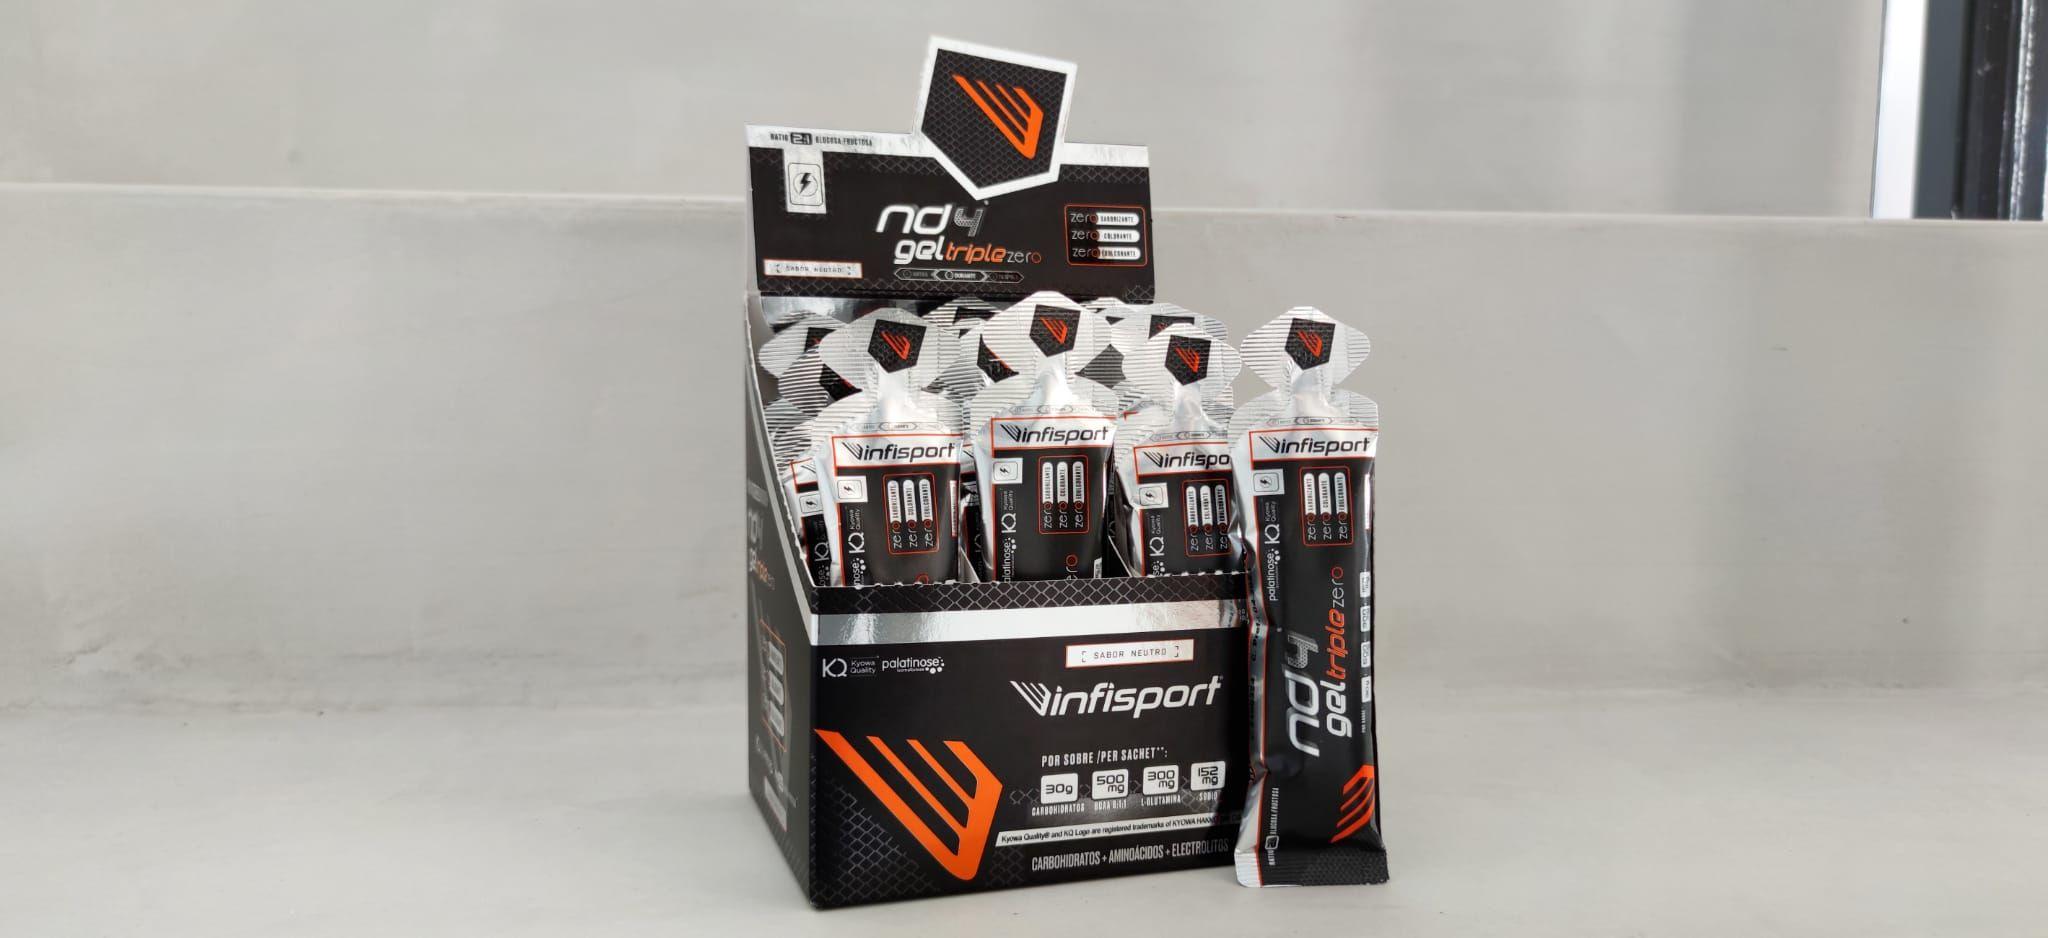 INFISPORT® lanza un nuevo gel técnico para deportistas: ND4® GEL Triple Zero